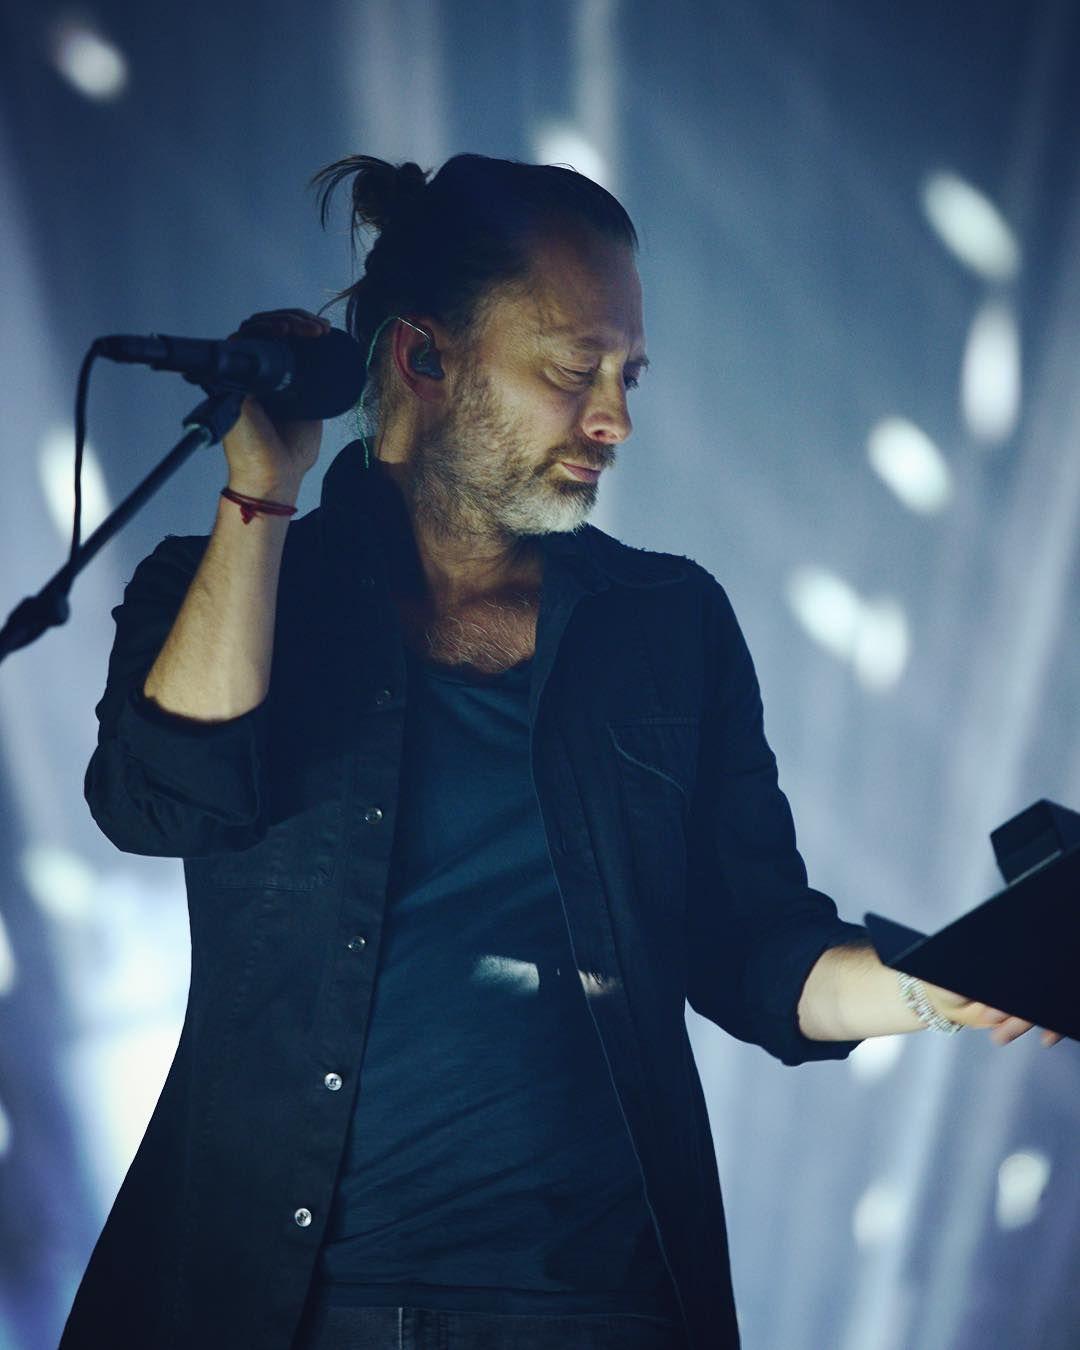 Thom Yorke Radiohead Philips Arena On April 1 2017 In Atlanta